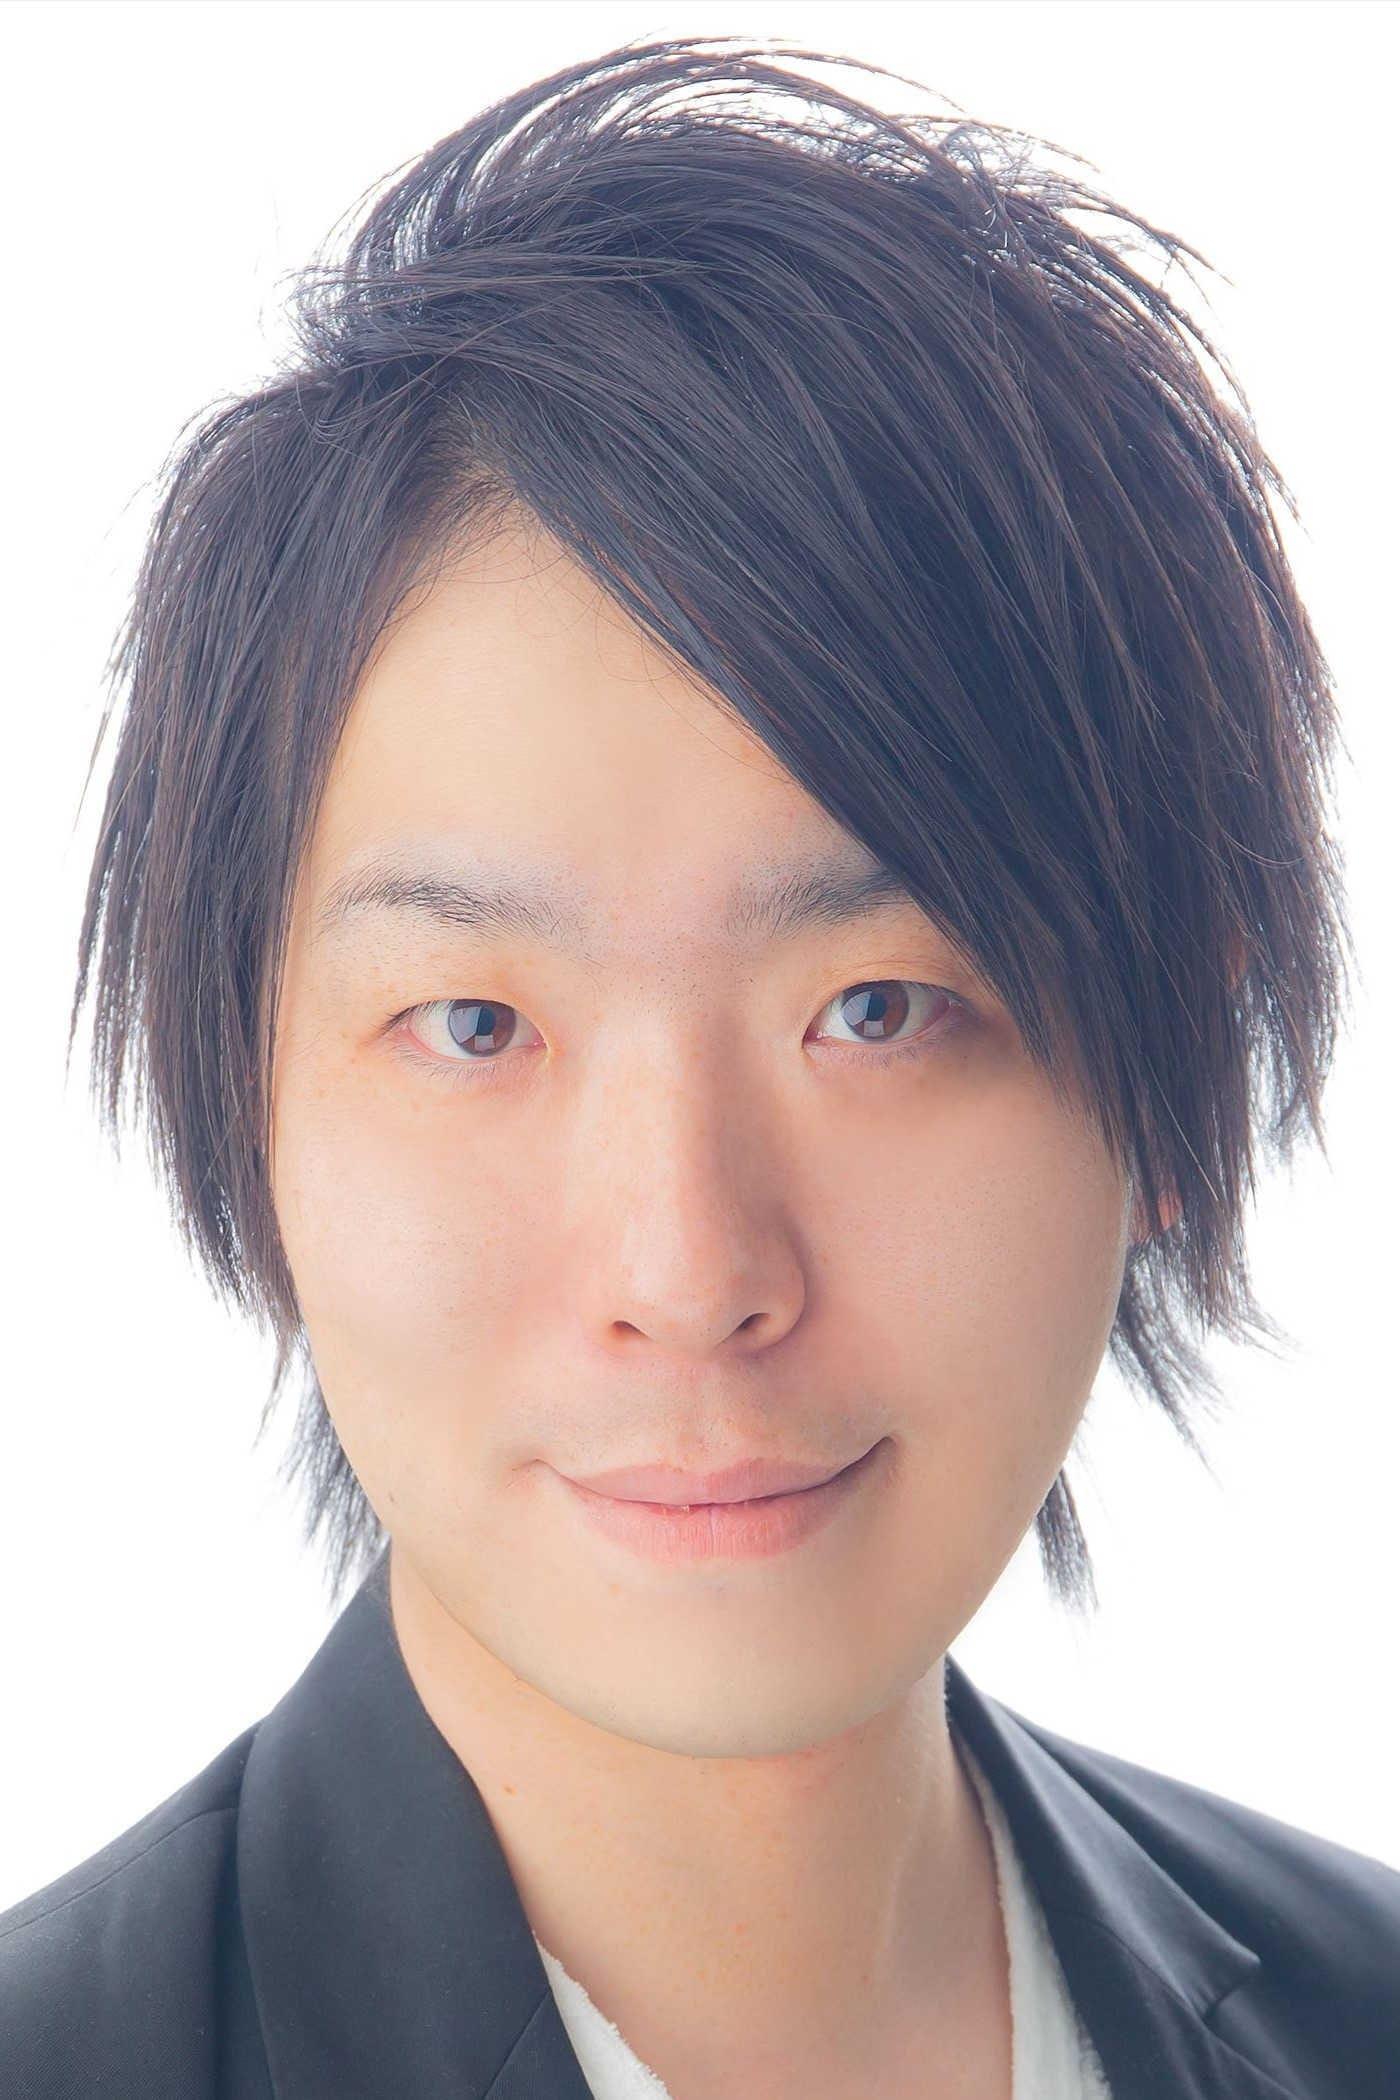 Ayumu Asakura